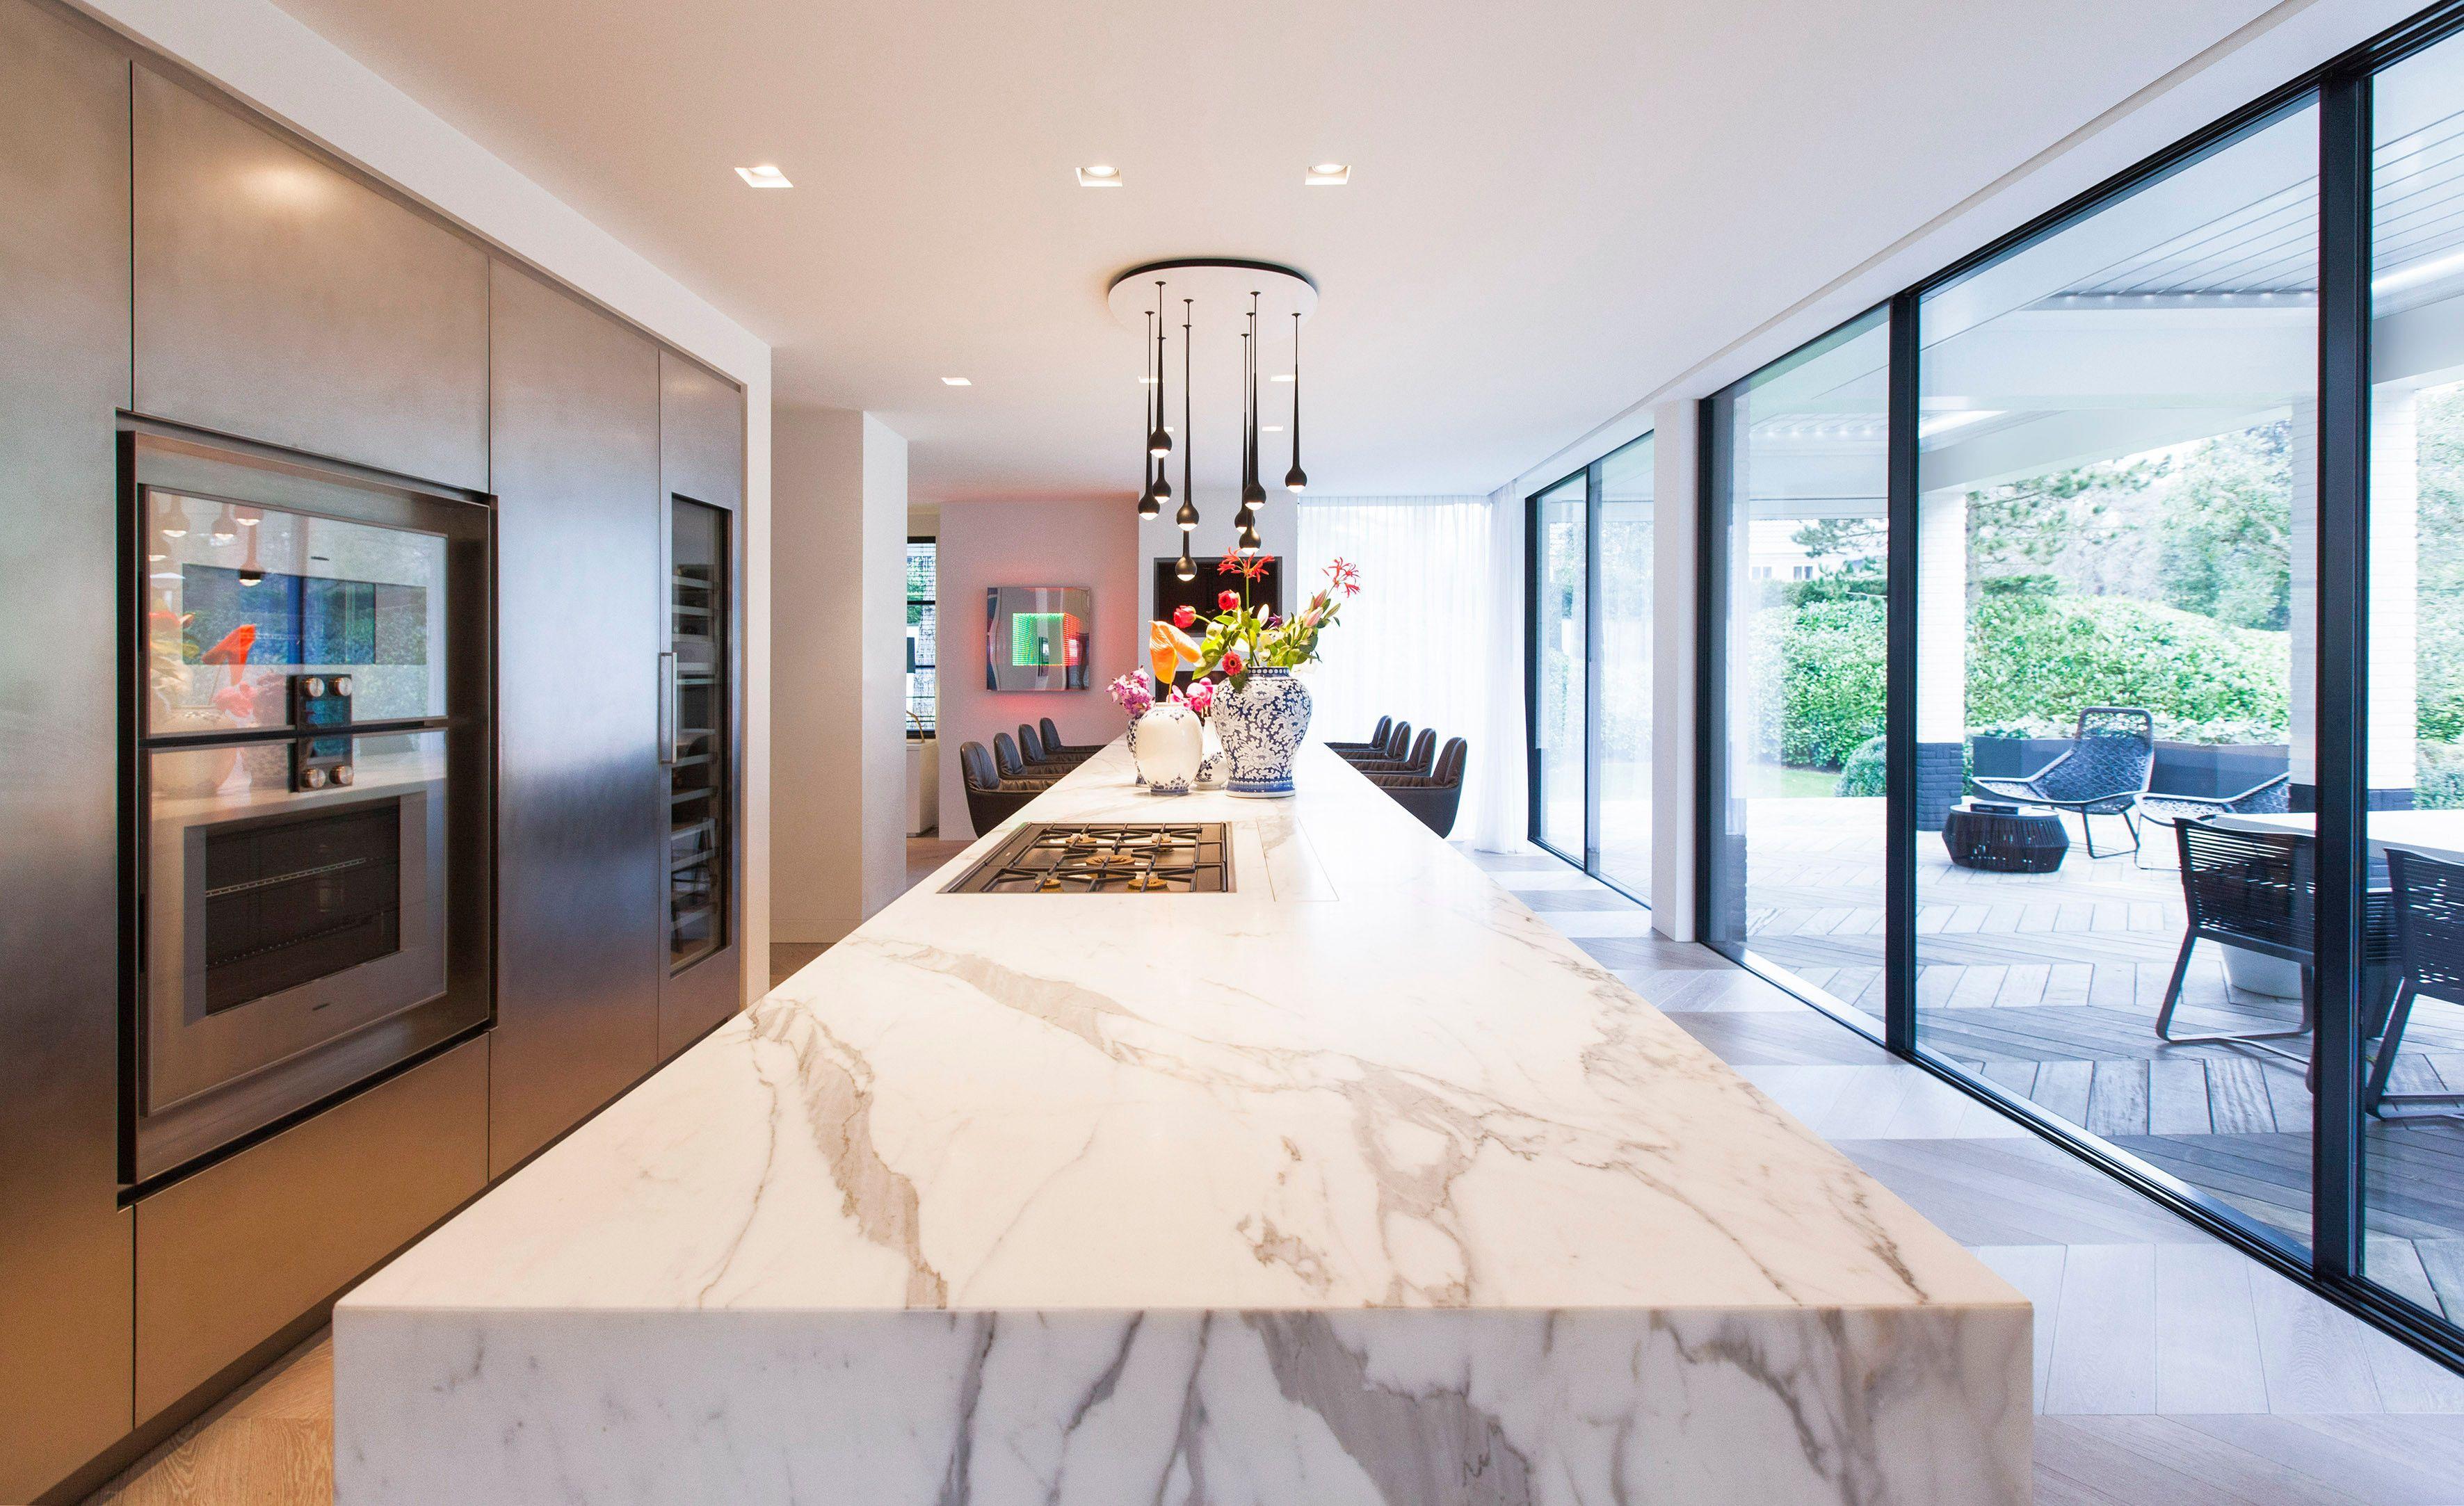 Chicdeco Modern Kitchen Design Kitchen Interior Kitchen Design